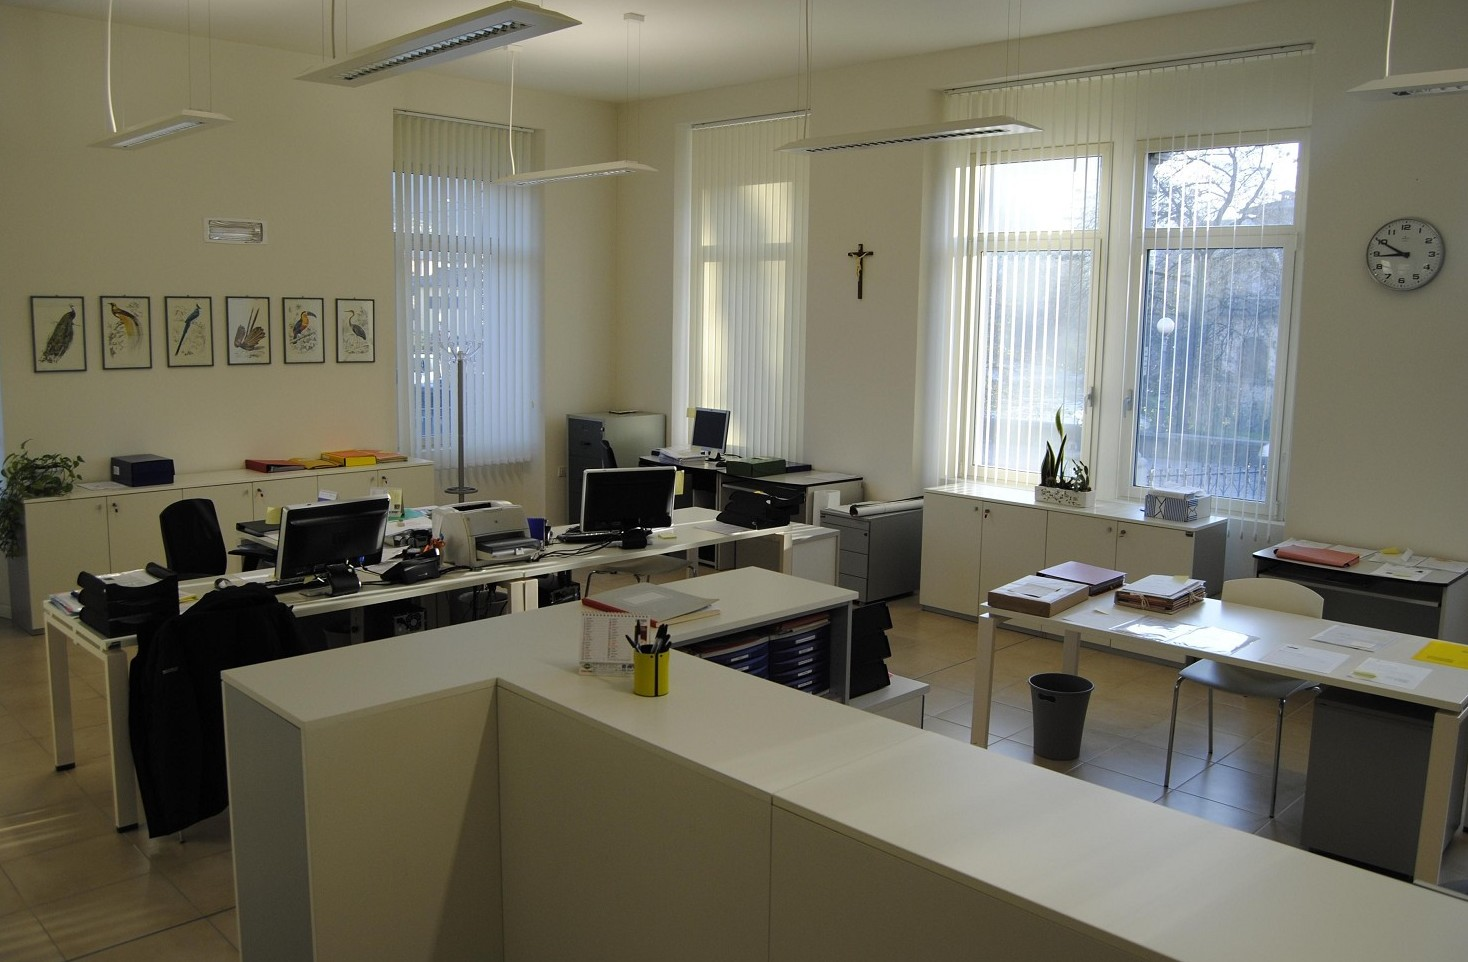 Telecamere sul posto di lavoro, in uffic